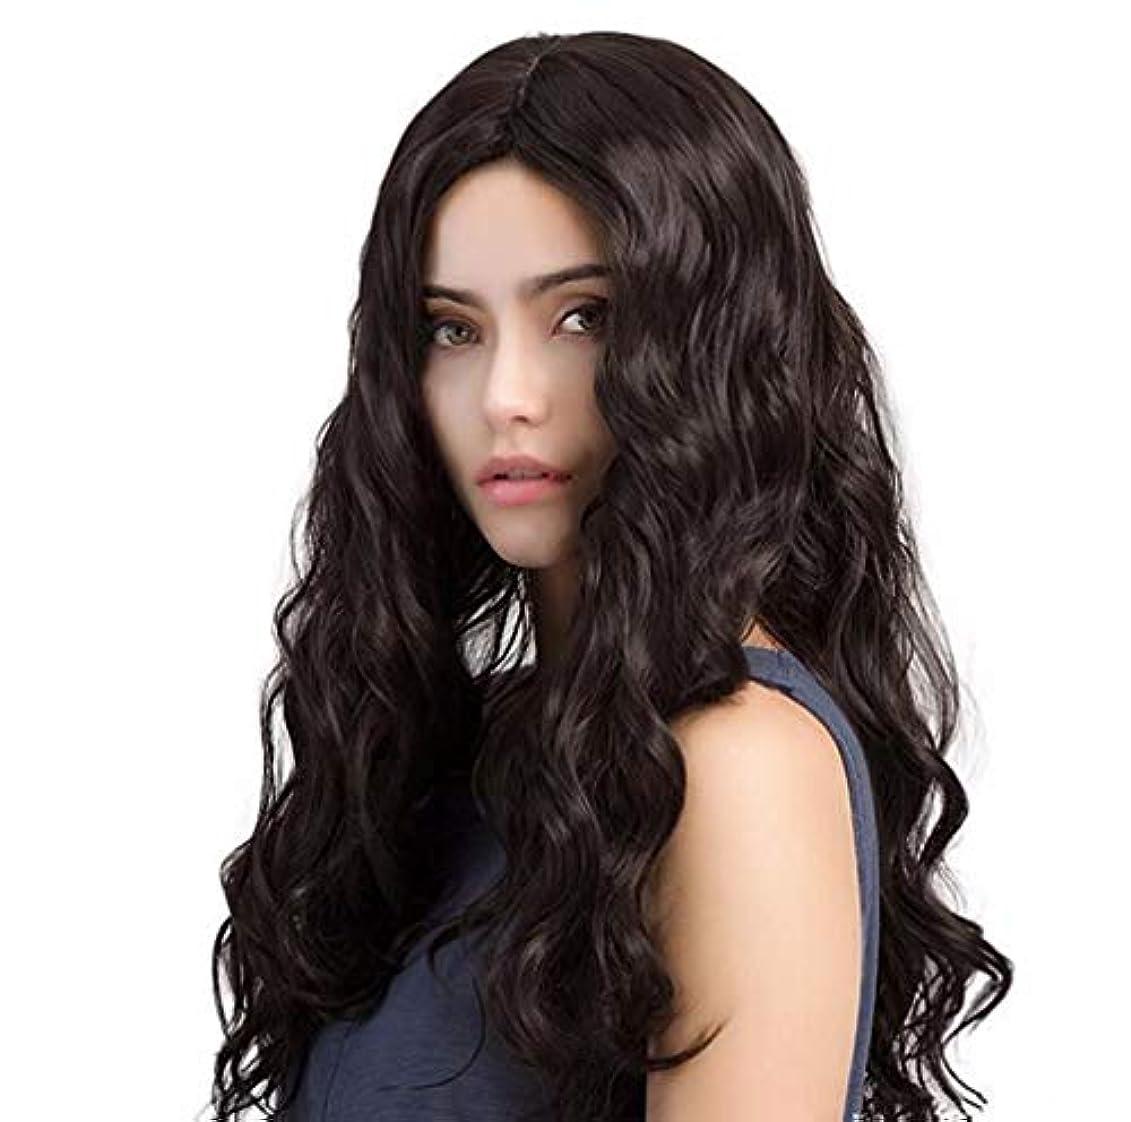 郵便番号快適独特の女性ウィッグ人毛合成ロングウェーブウィッグ合成耐熱性安いミドルパートウィッグブラック150%高密度